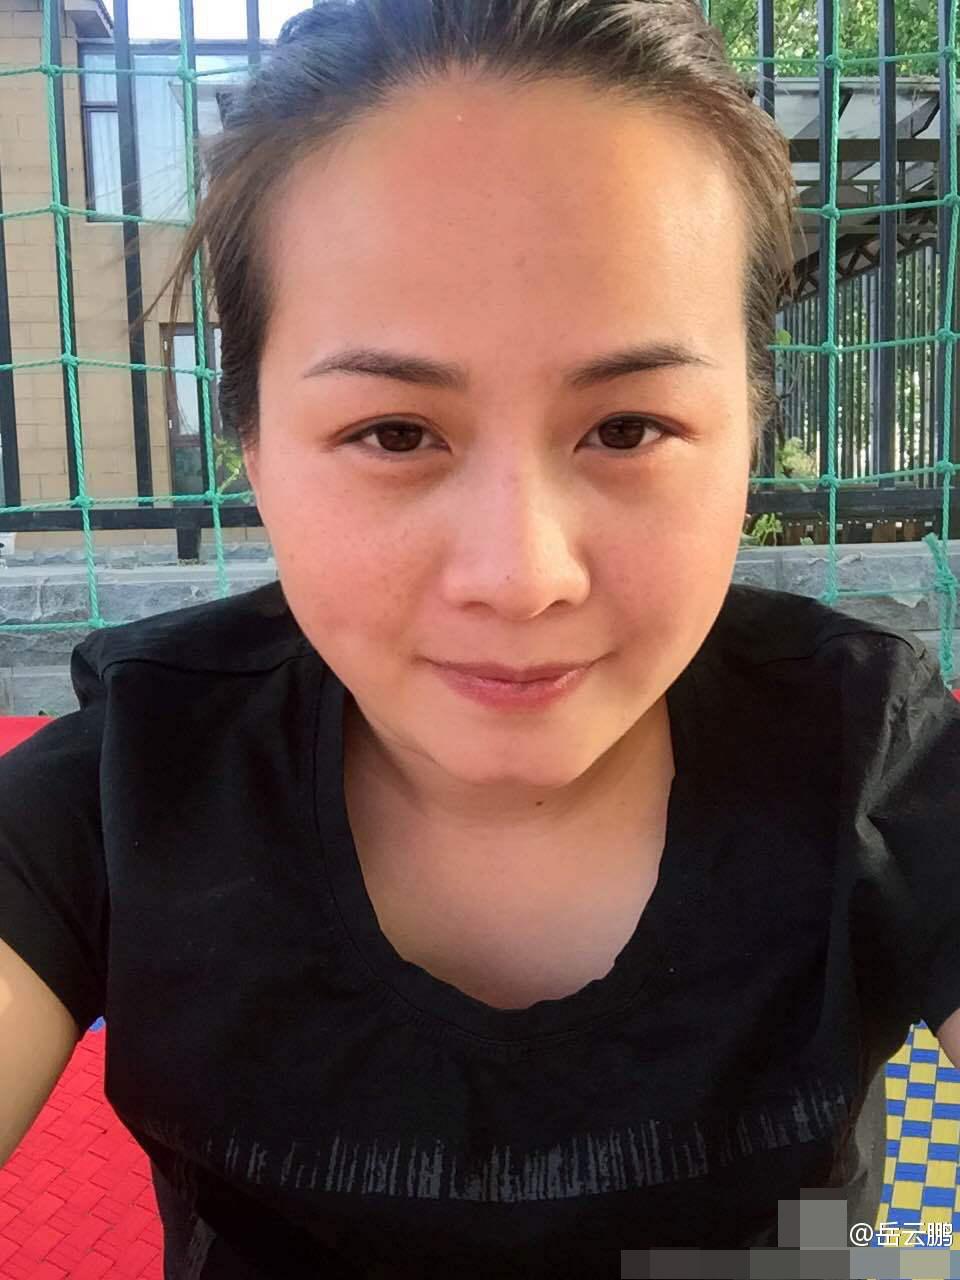 熊黛林新欢陈昊个人资料、演过的电视剧及照片_忒有料